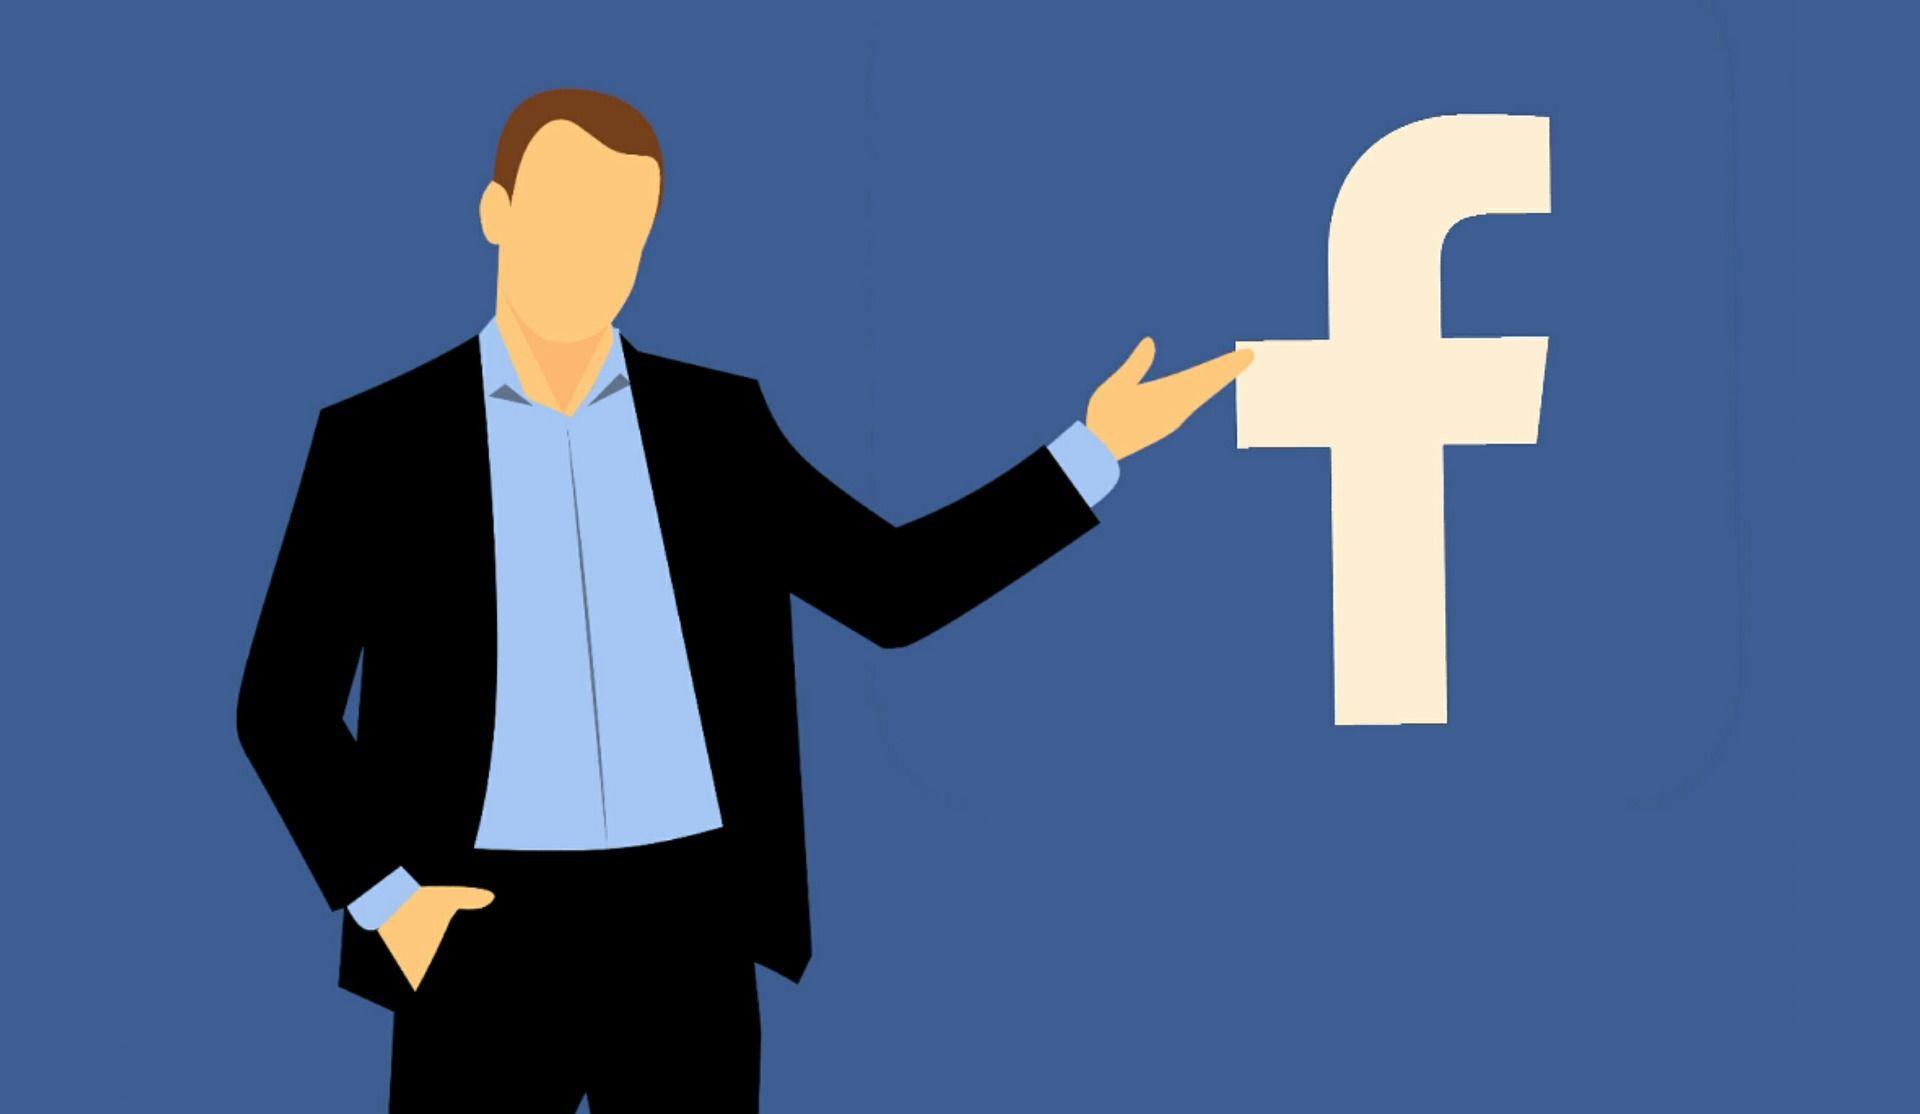 Cuanto cuesta una publicidad en facebook